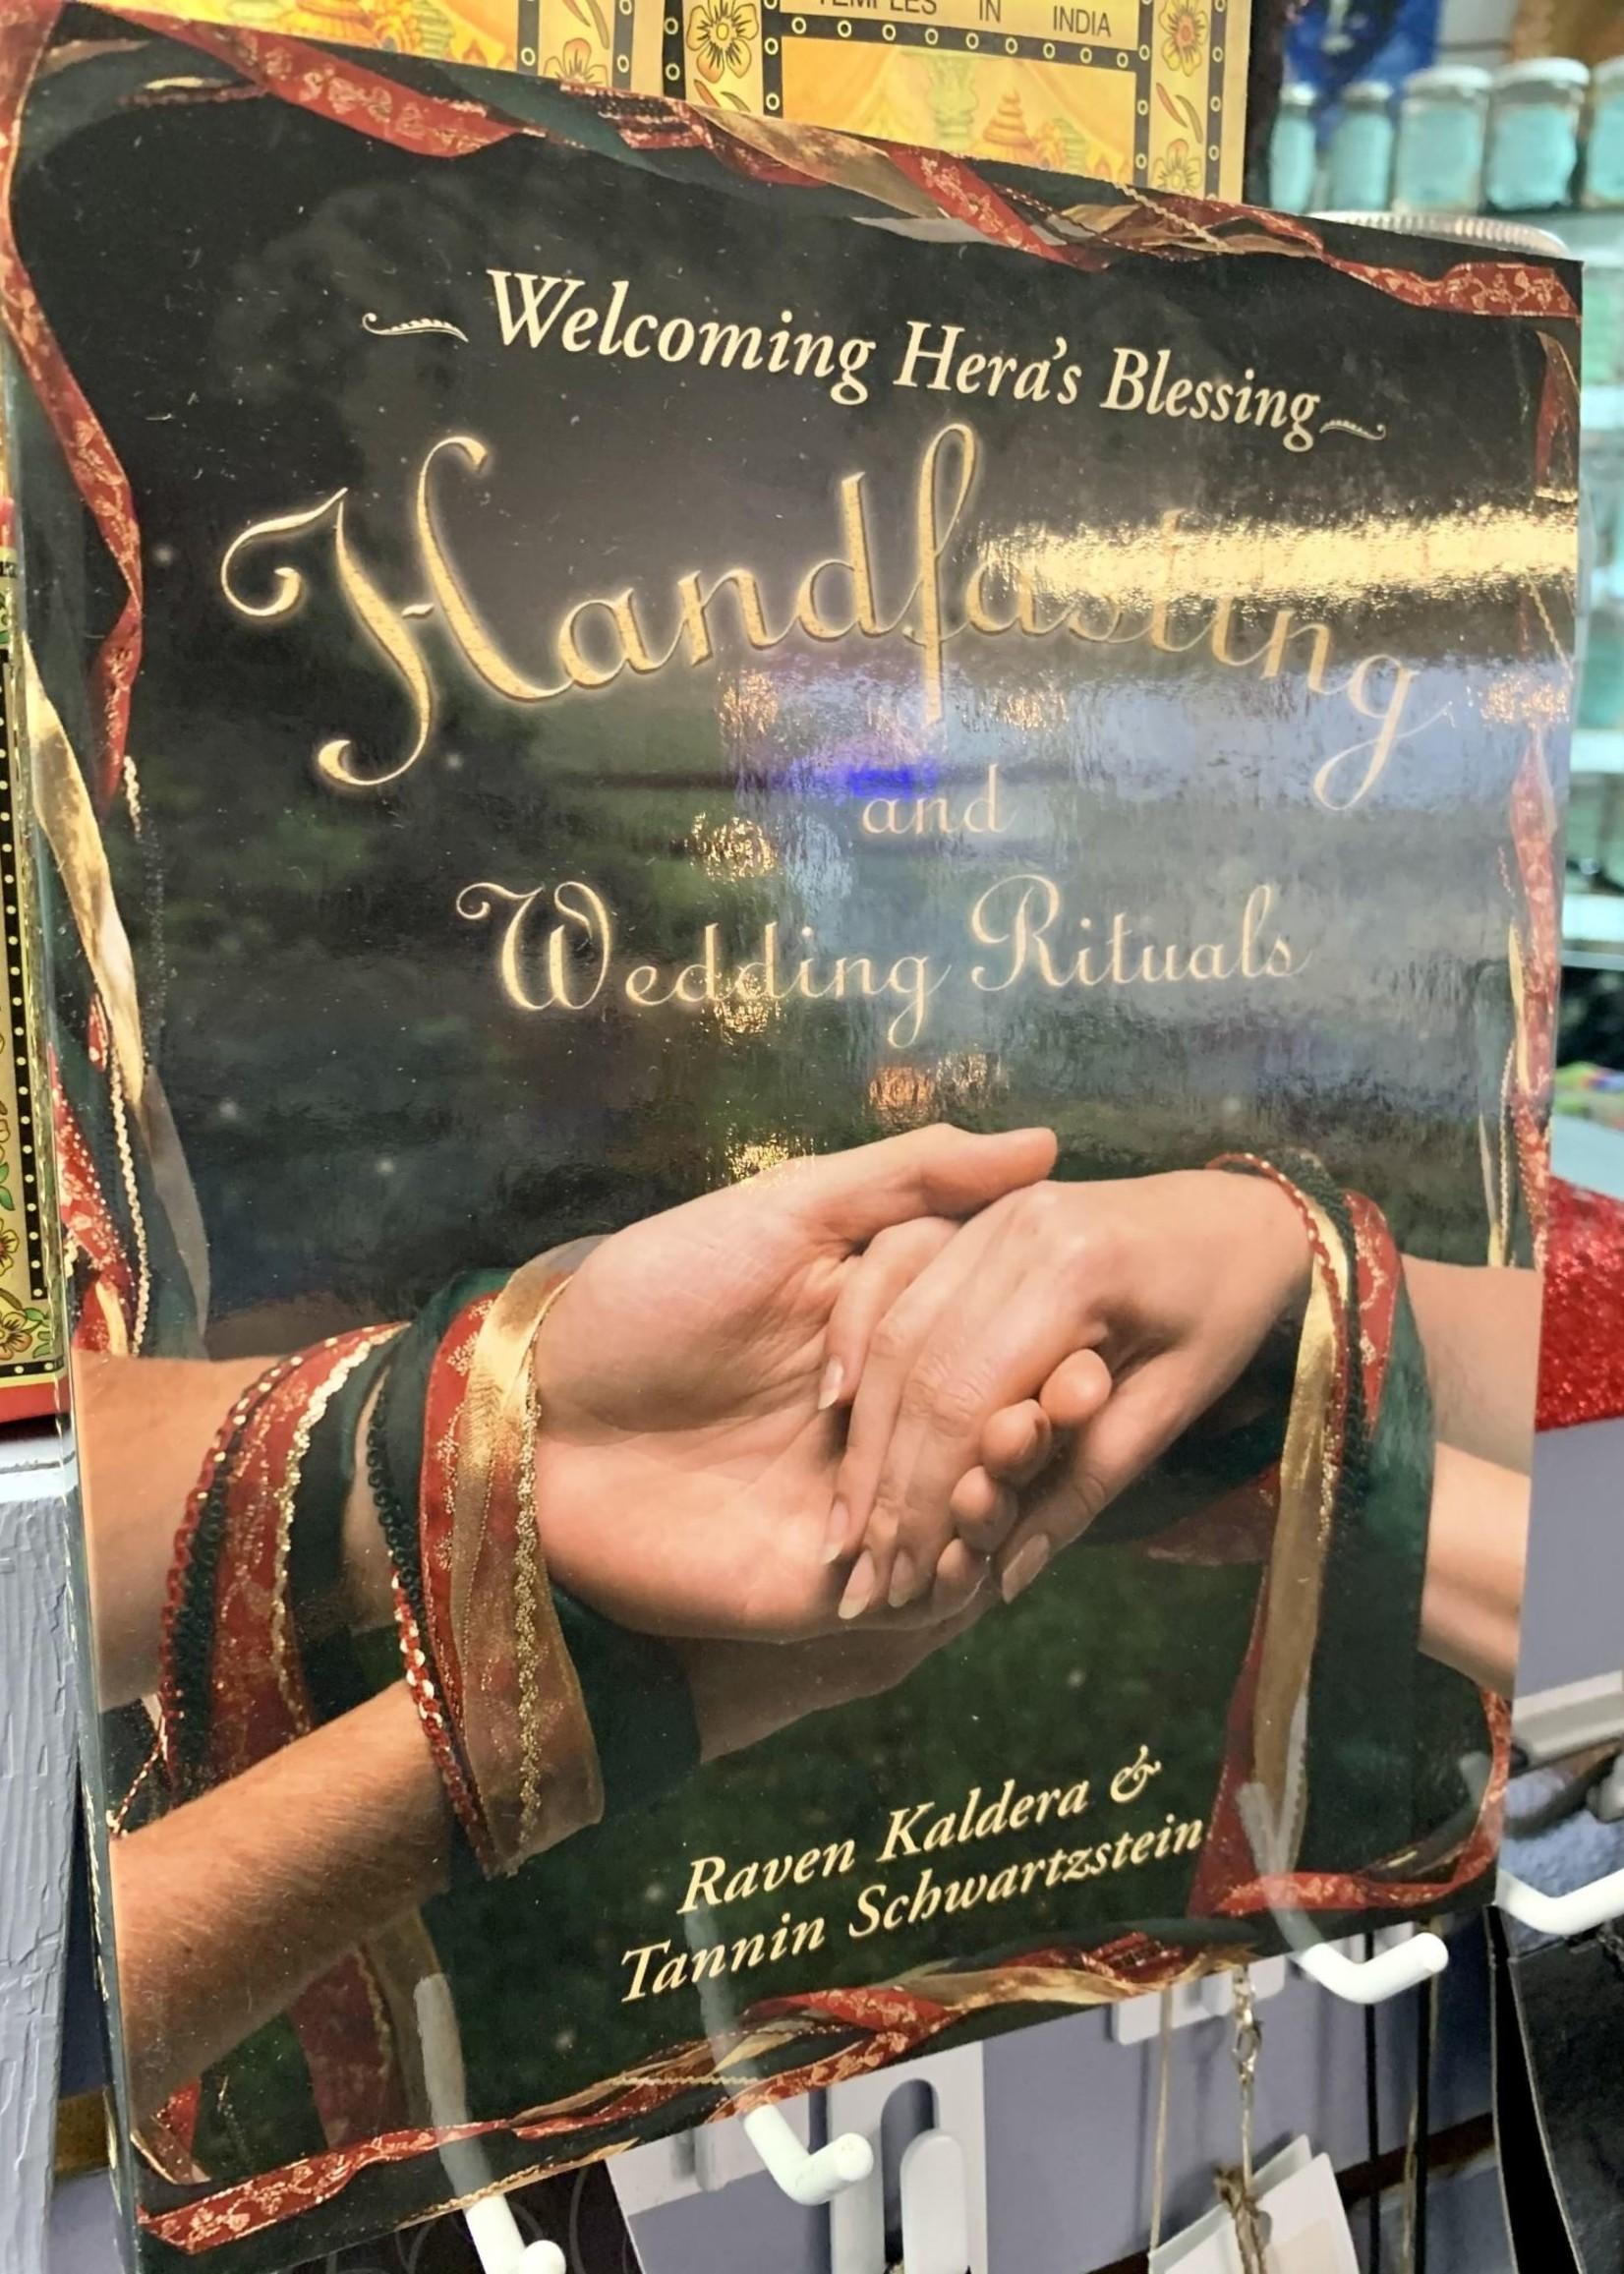 Handfasting and Wedding Rituals -  BY RAVEN KALDERA, TANNIN SCHWARTZSTEIN